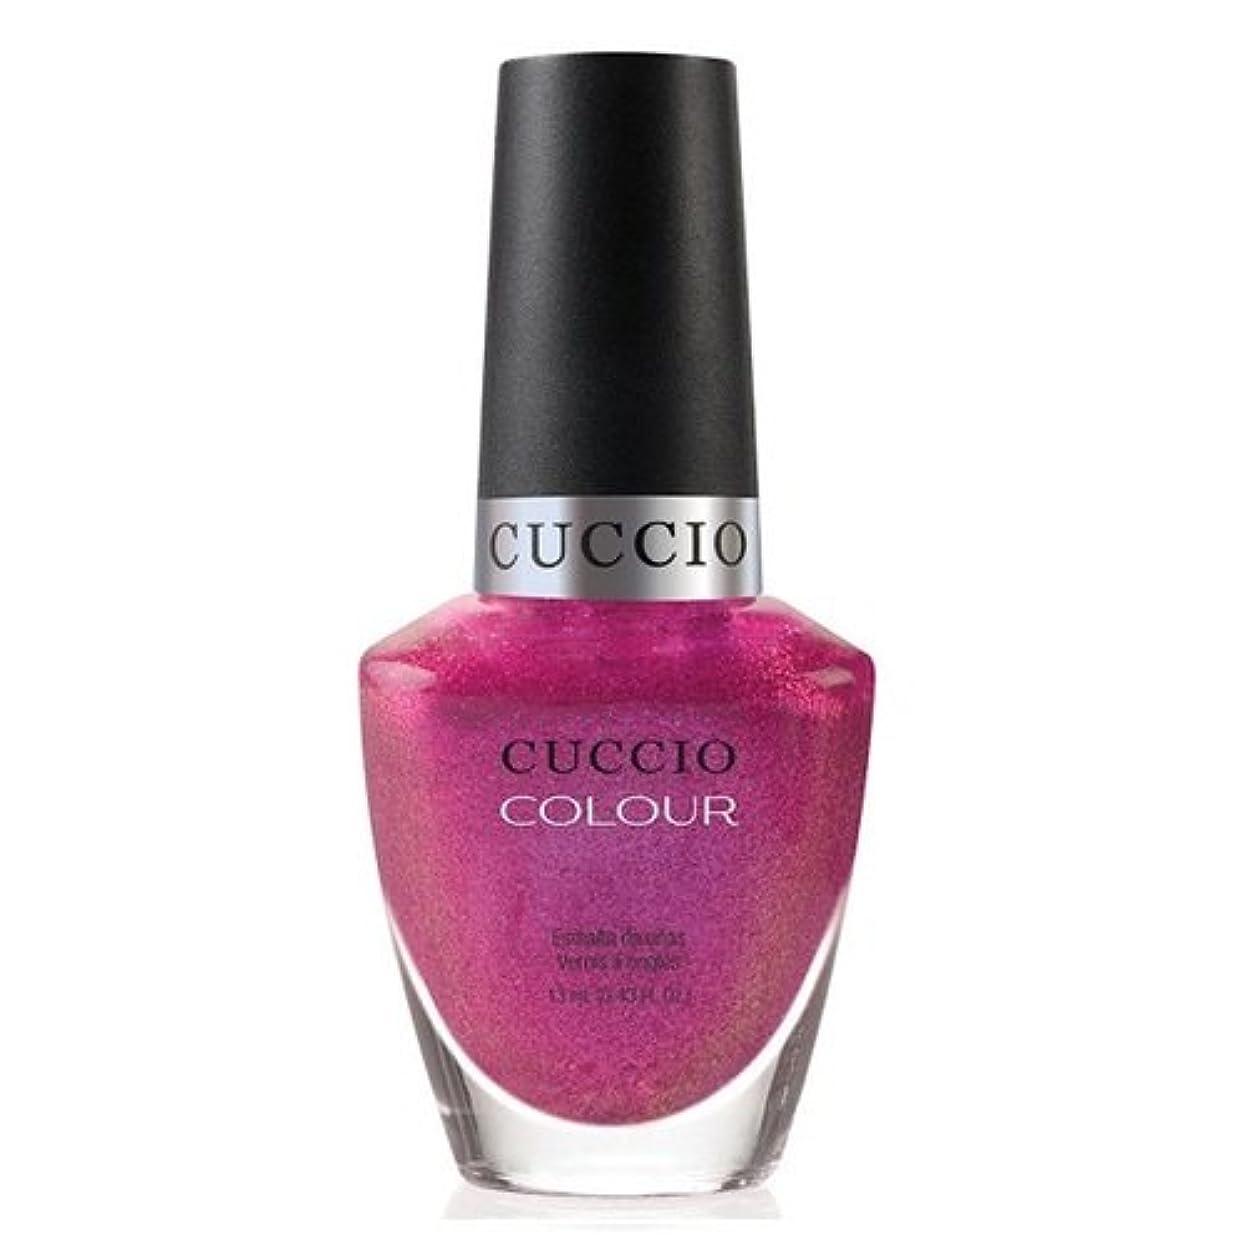 マニア異形調査Cuccio Colour Gloss Lacquer - Femme Fatale - 0.43oz/13ml